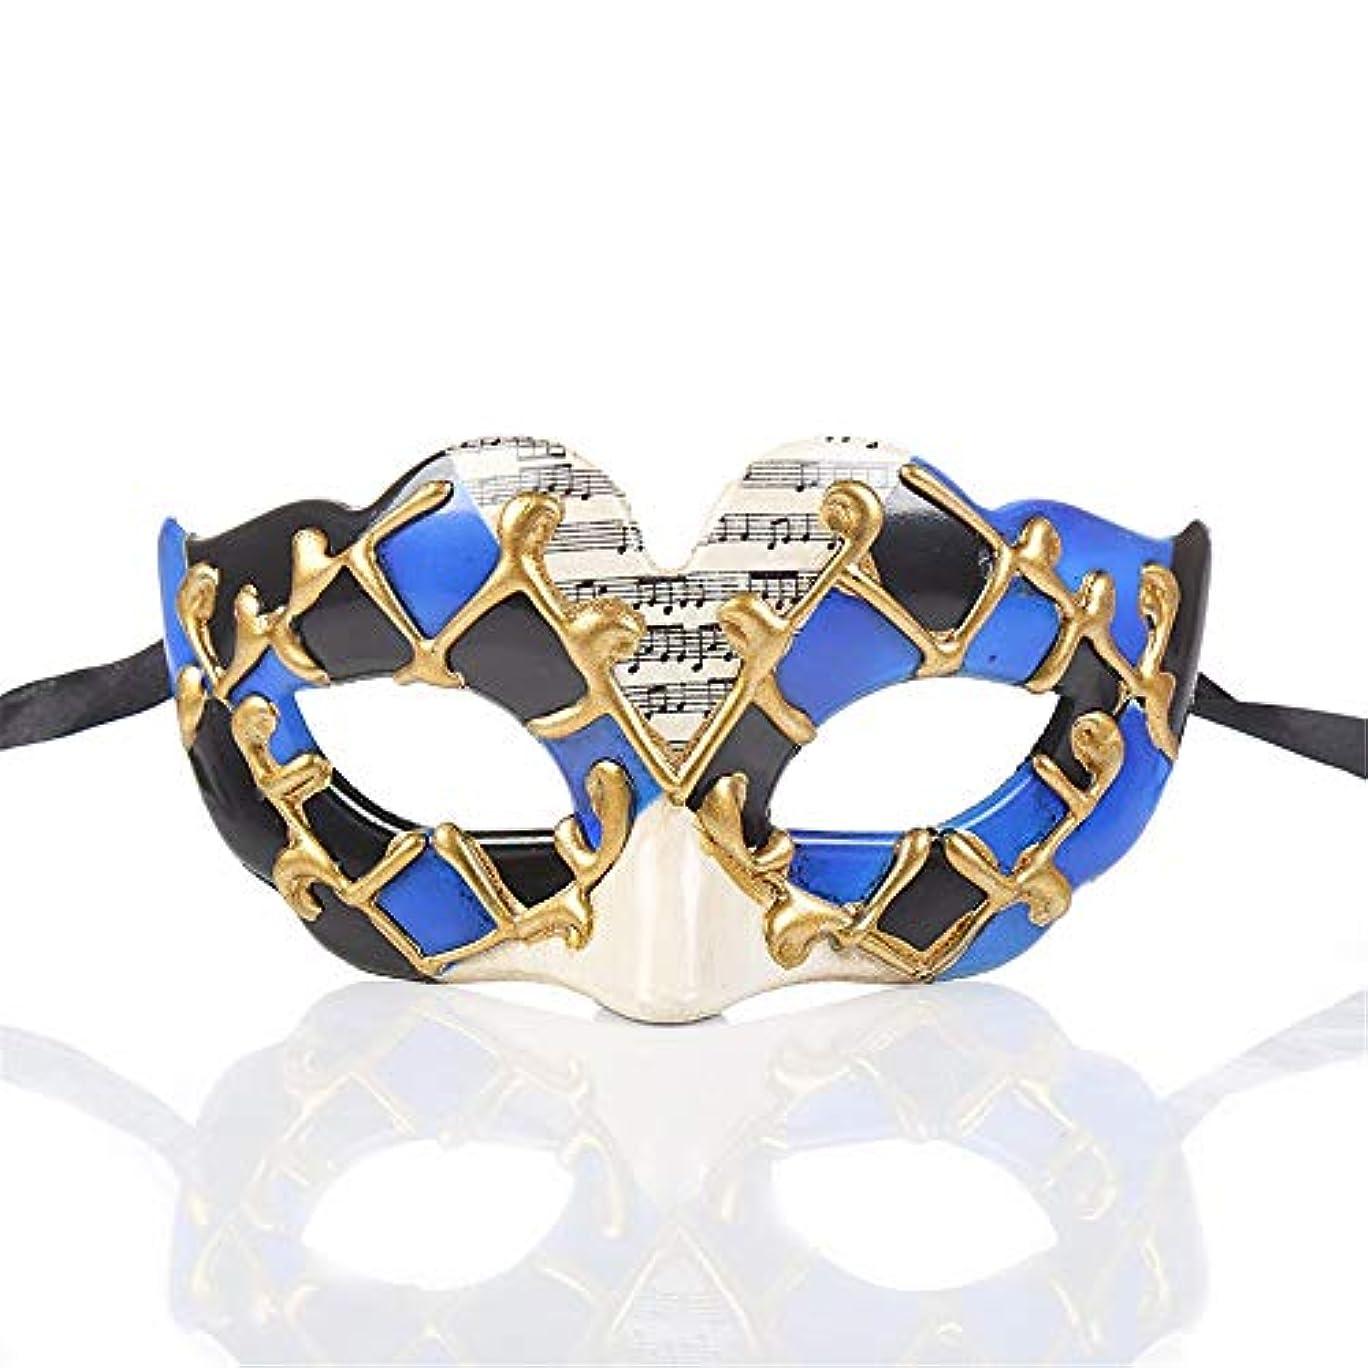 超える教授懐疑論ダンスマスク パーティーCospalyマスクハロウィーンマスカレードデコレーションマスクフェスティバルプラスチックマスク パーティーマスク (色 : 青, サイズ : 14.5x7.5cm)